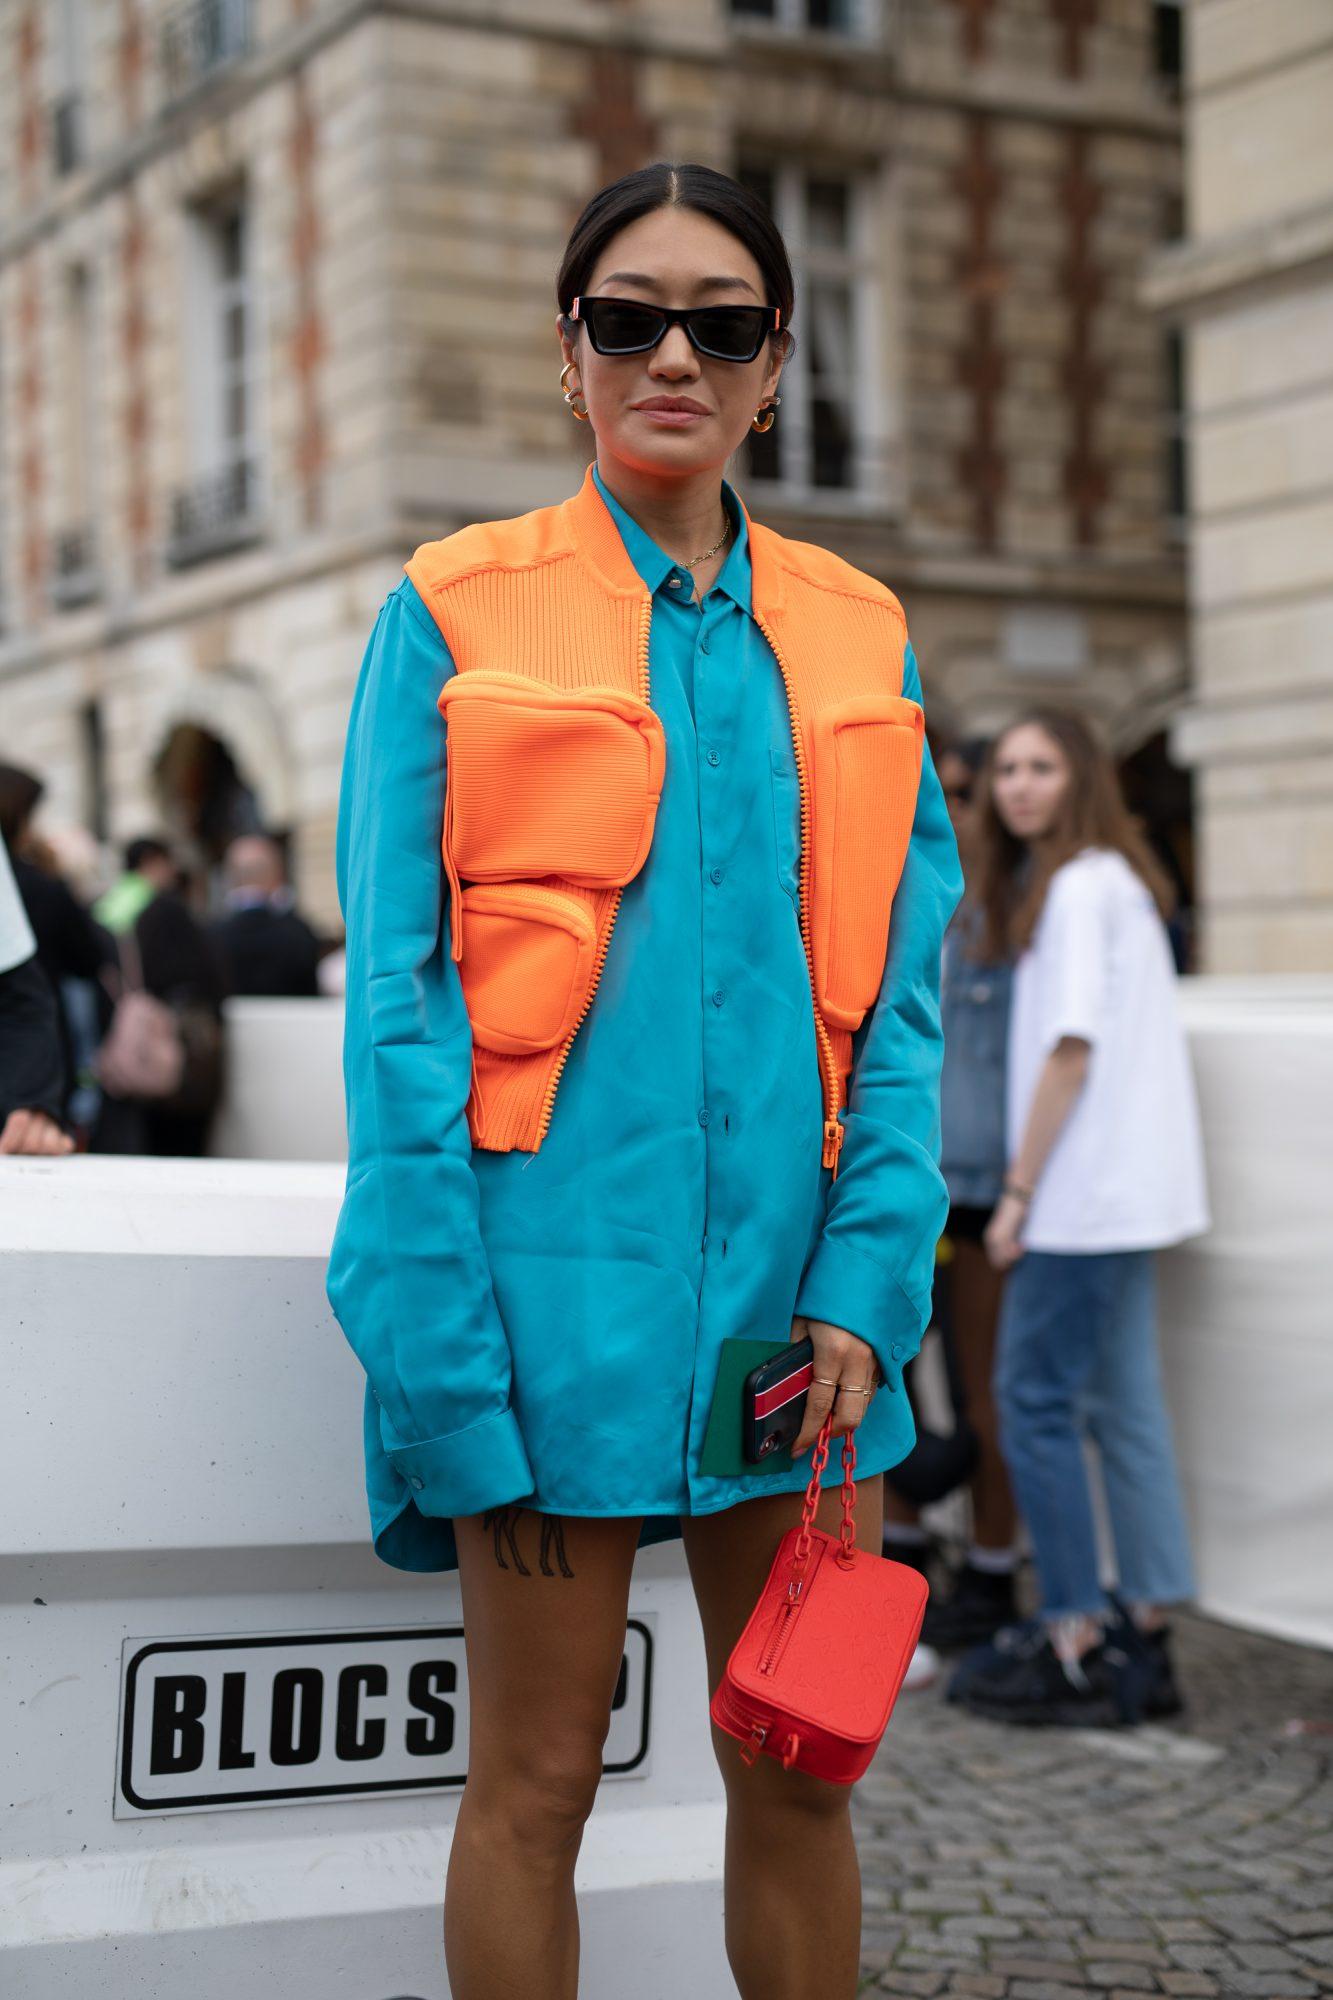 Phối màu trang phục xanh lam và cam